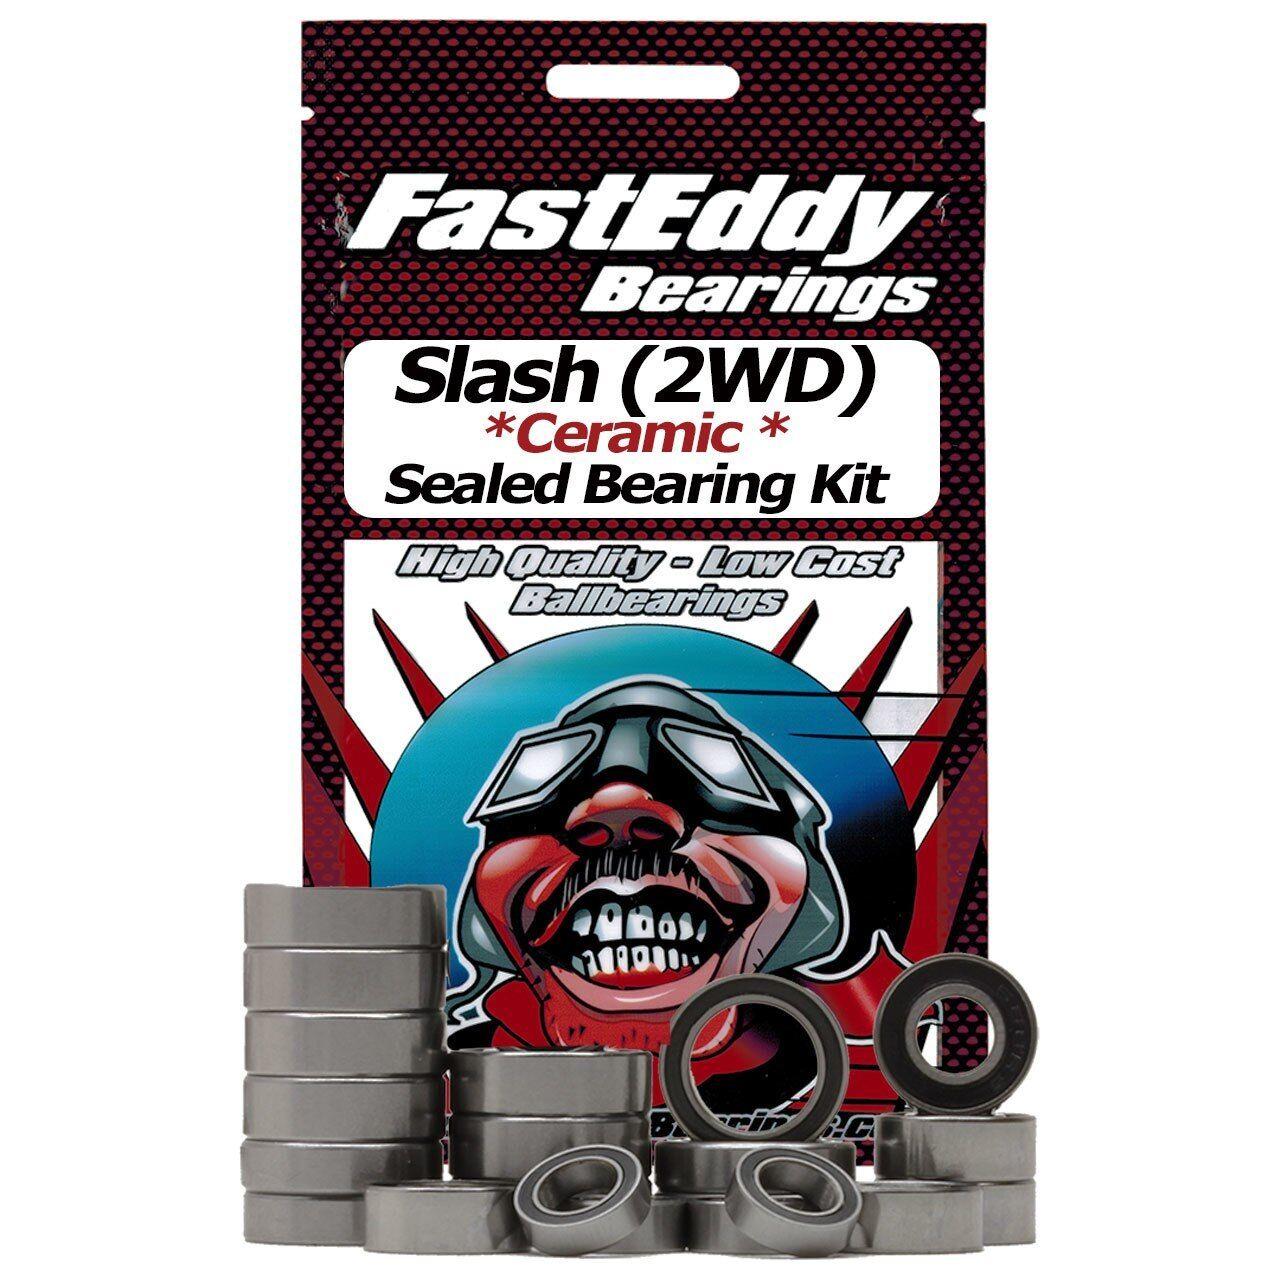 Team FastEddy Fast Eddy Traxxas Slash (2WD) Ceramic Sealed Bearing Kit